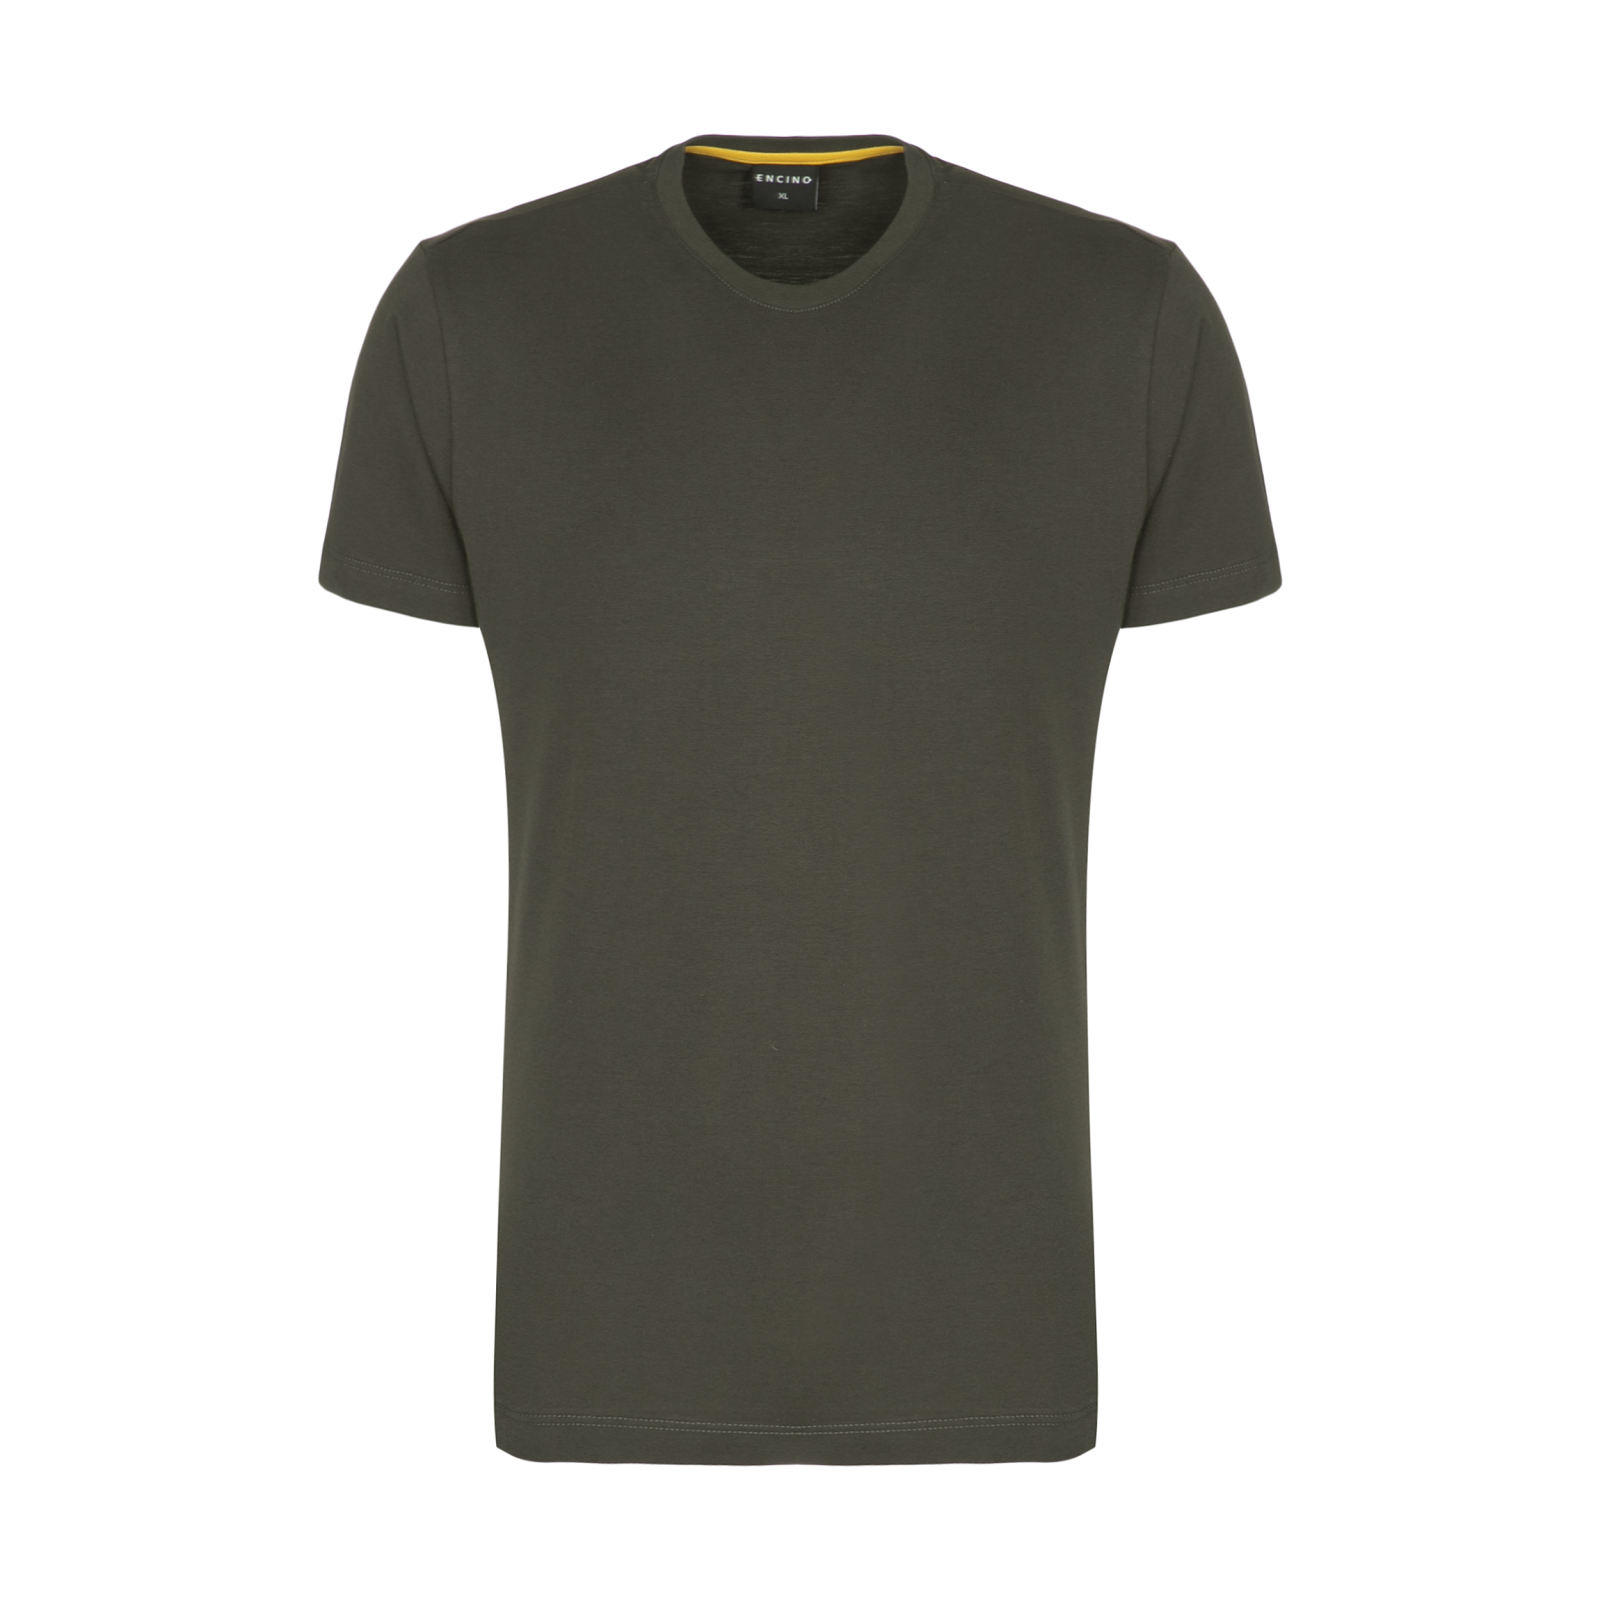 تیشرت آستین کوتاه مردانه ان سی نو مدل بیتر رنگ سبز ارتشی -  - 1